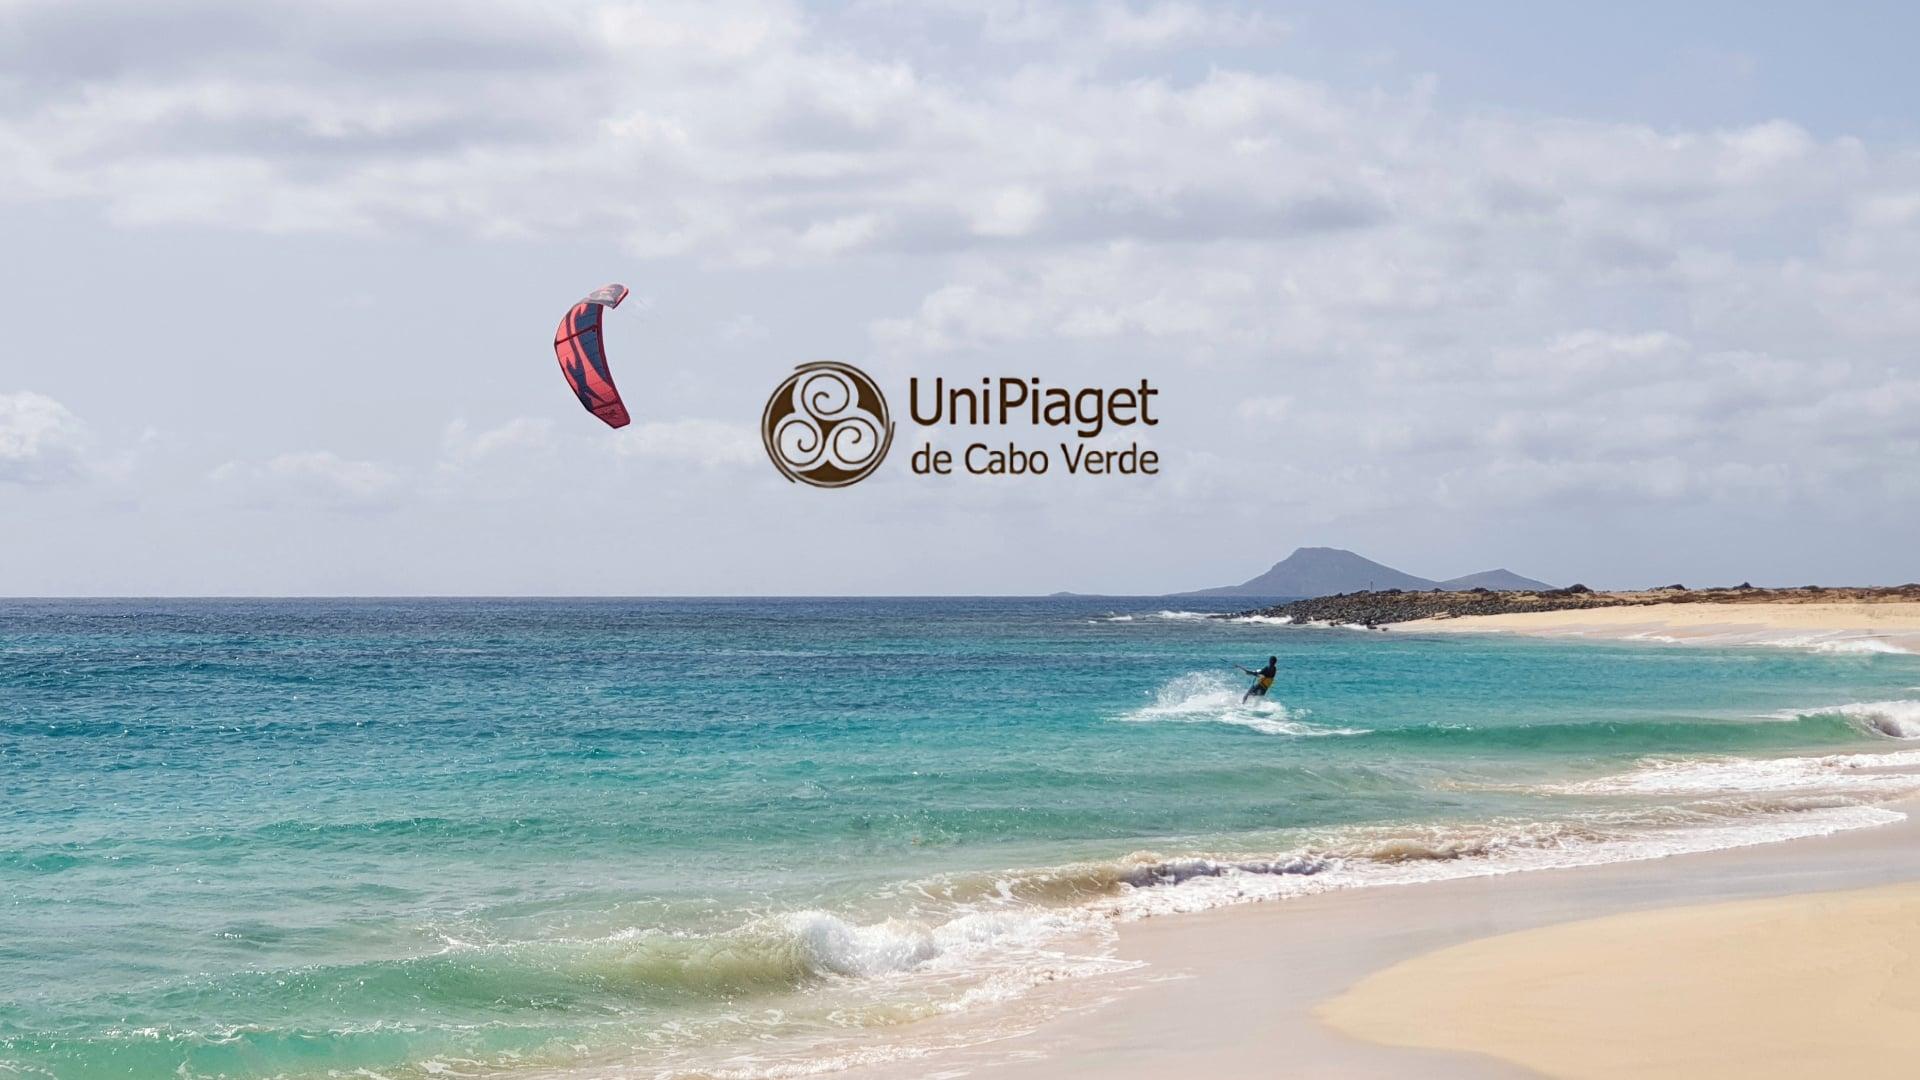 Docente da Unipiaget cria plataforma digital para promover turismo em Cabo Verde